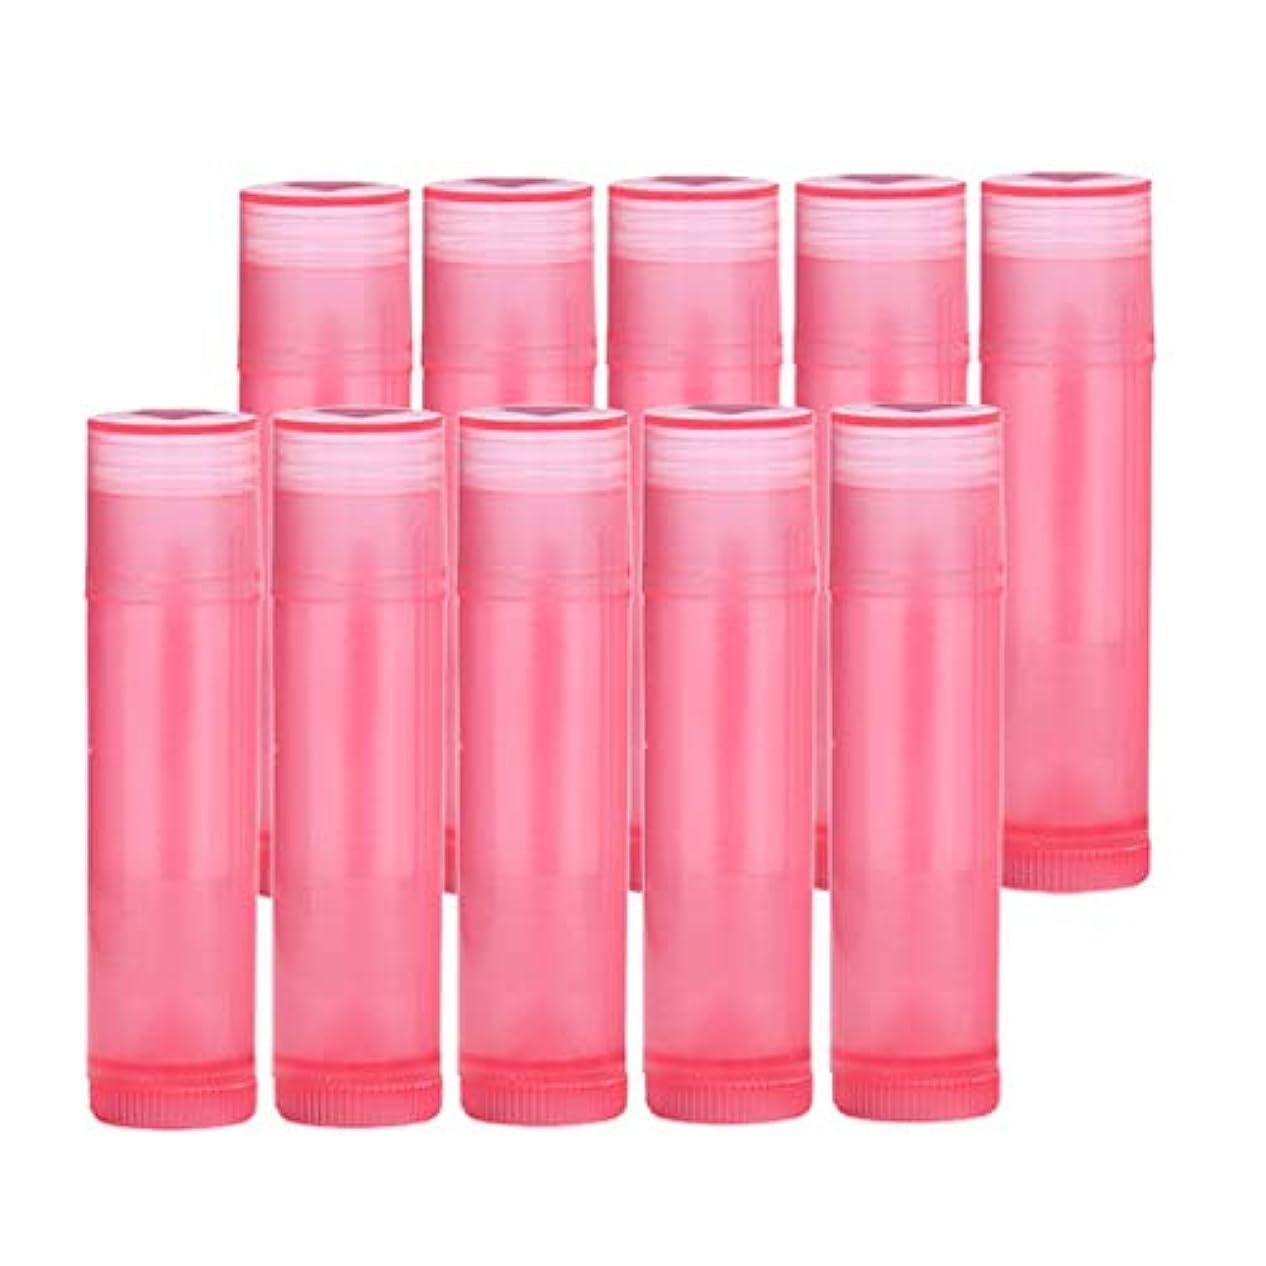 従事したビジター人形プラスチック 空 口紅容器 口紅の管 リップクリーム容器 10個 全7色 - ローズレッド